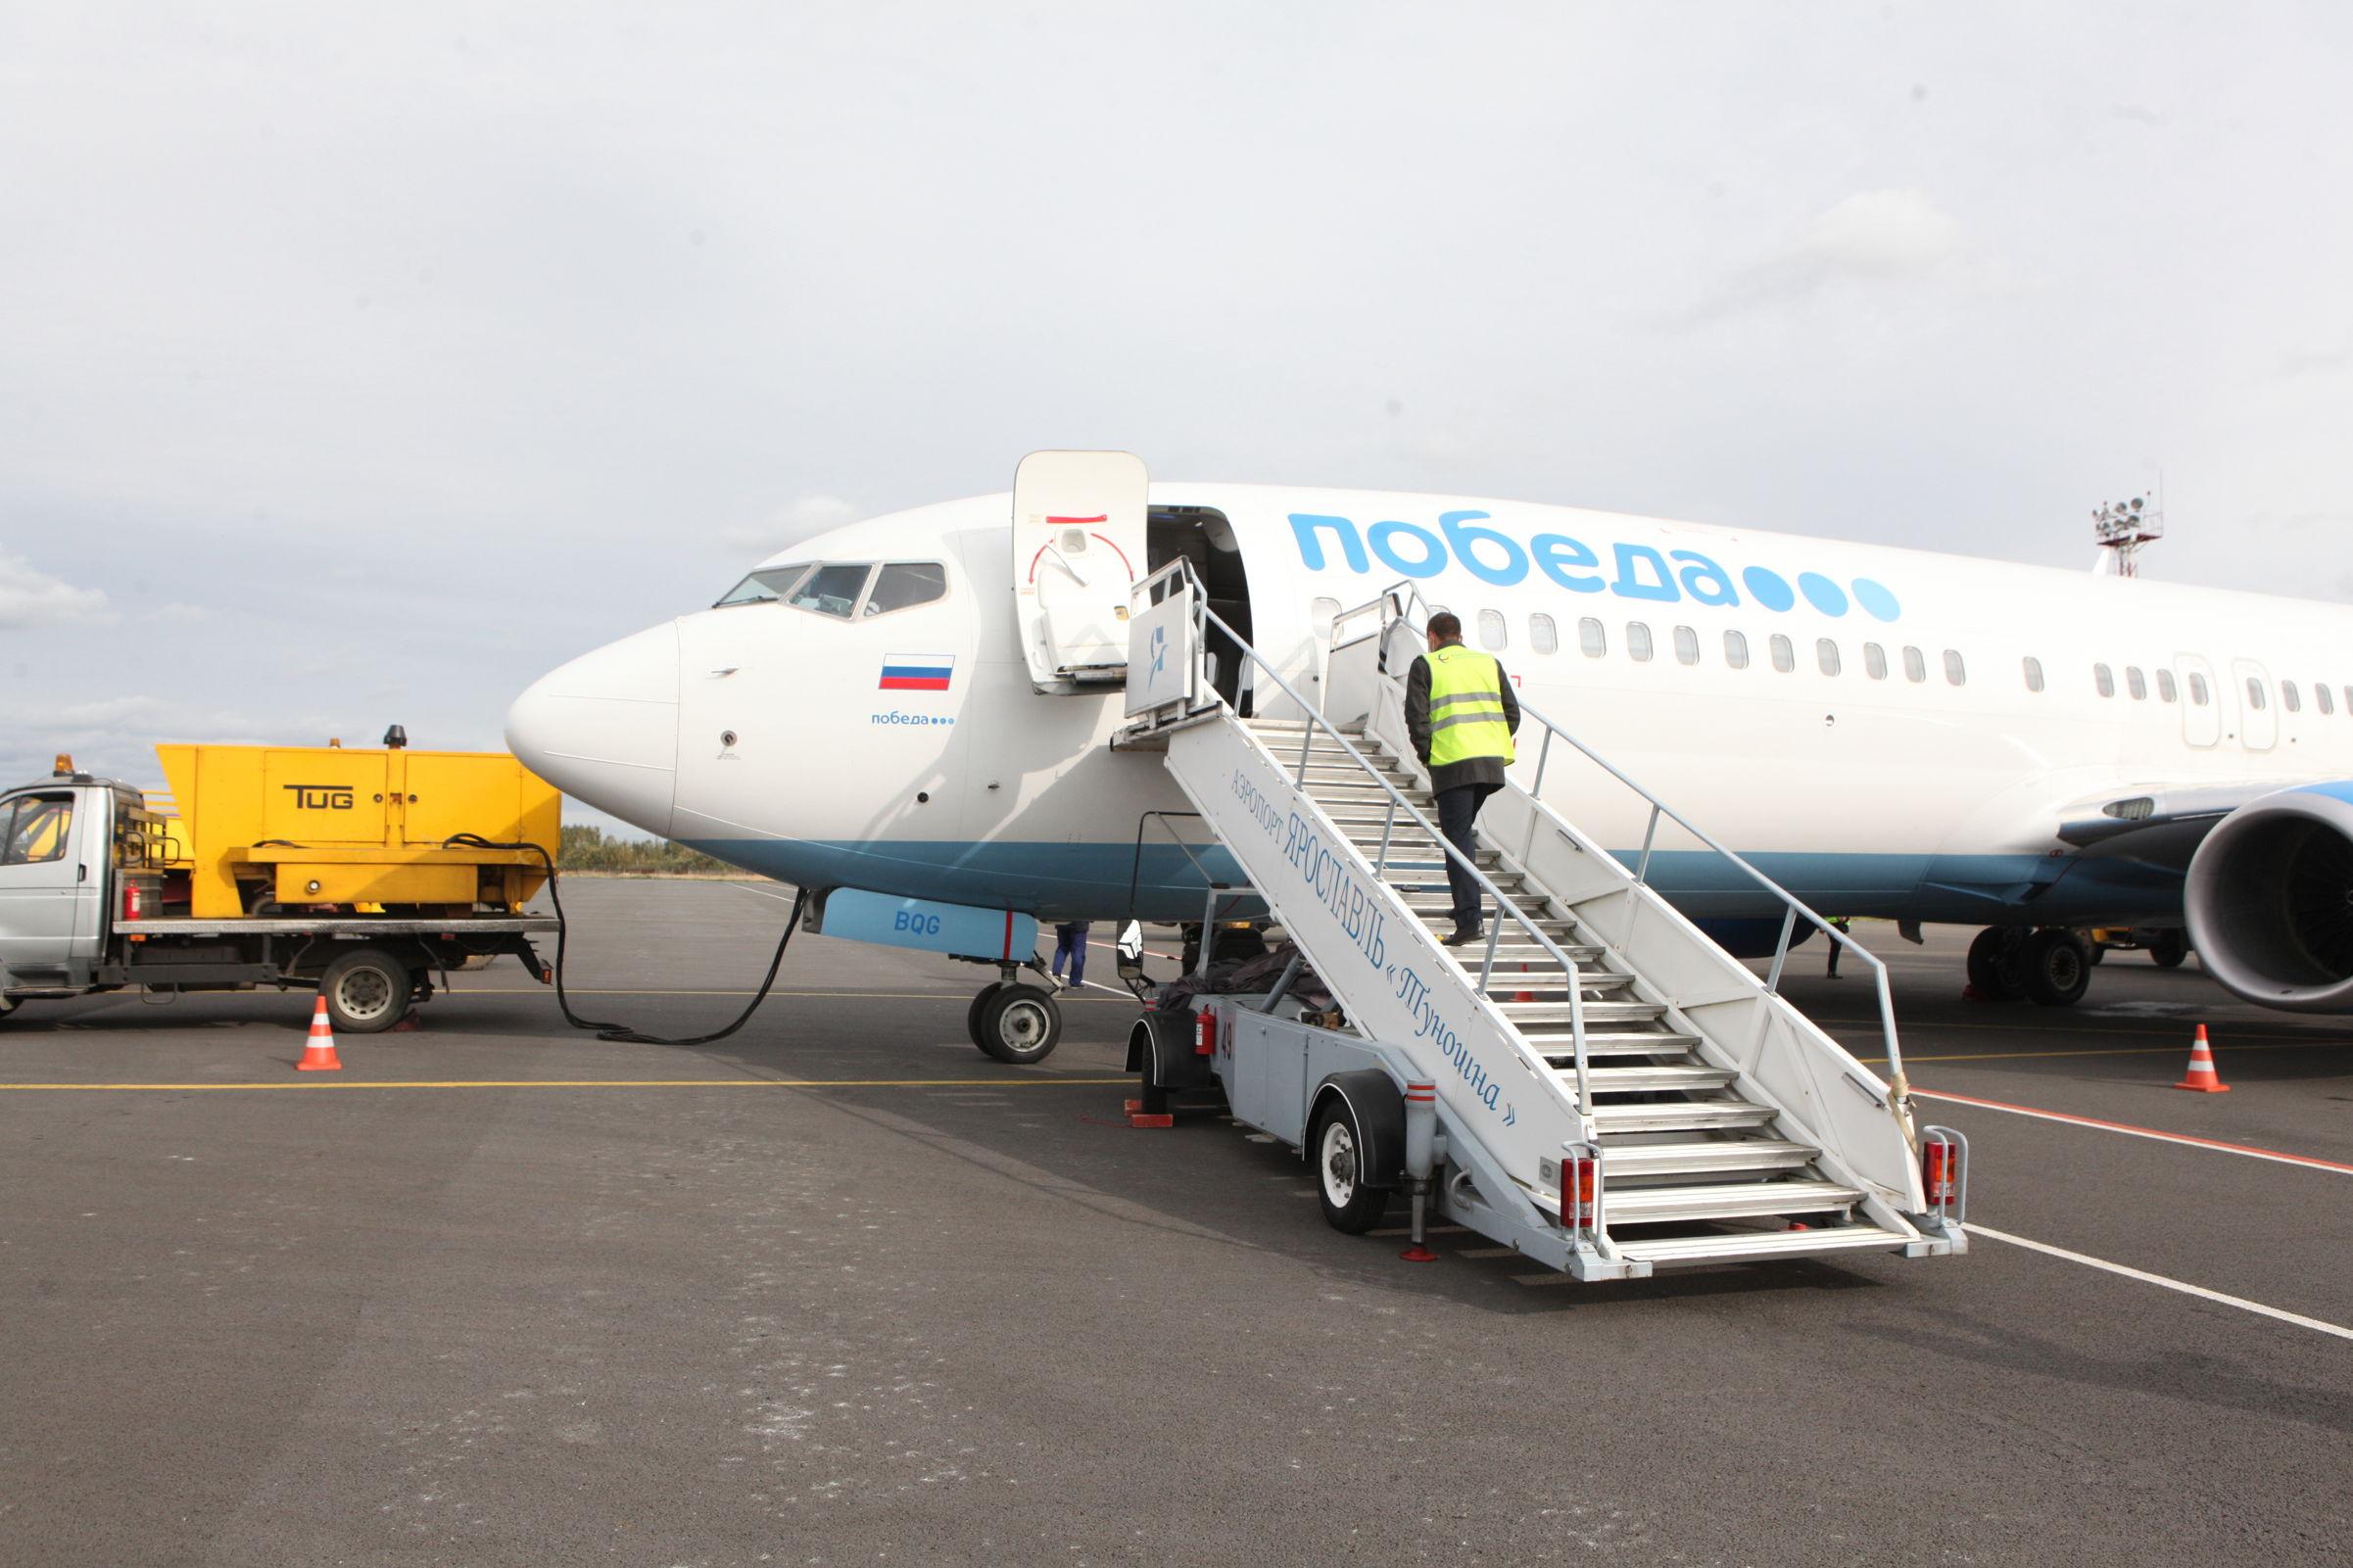 Более 3,6 тысячи пассажиров за месяц перевезли из аэропорта Туношна в Санкт-Петербург и обратно